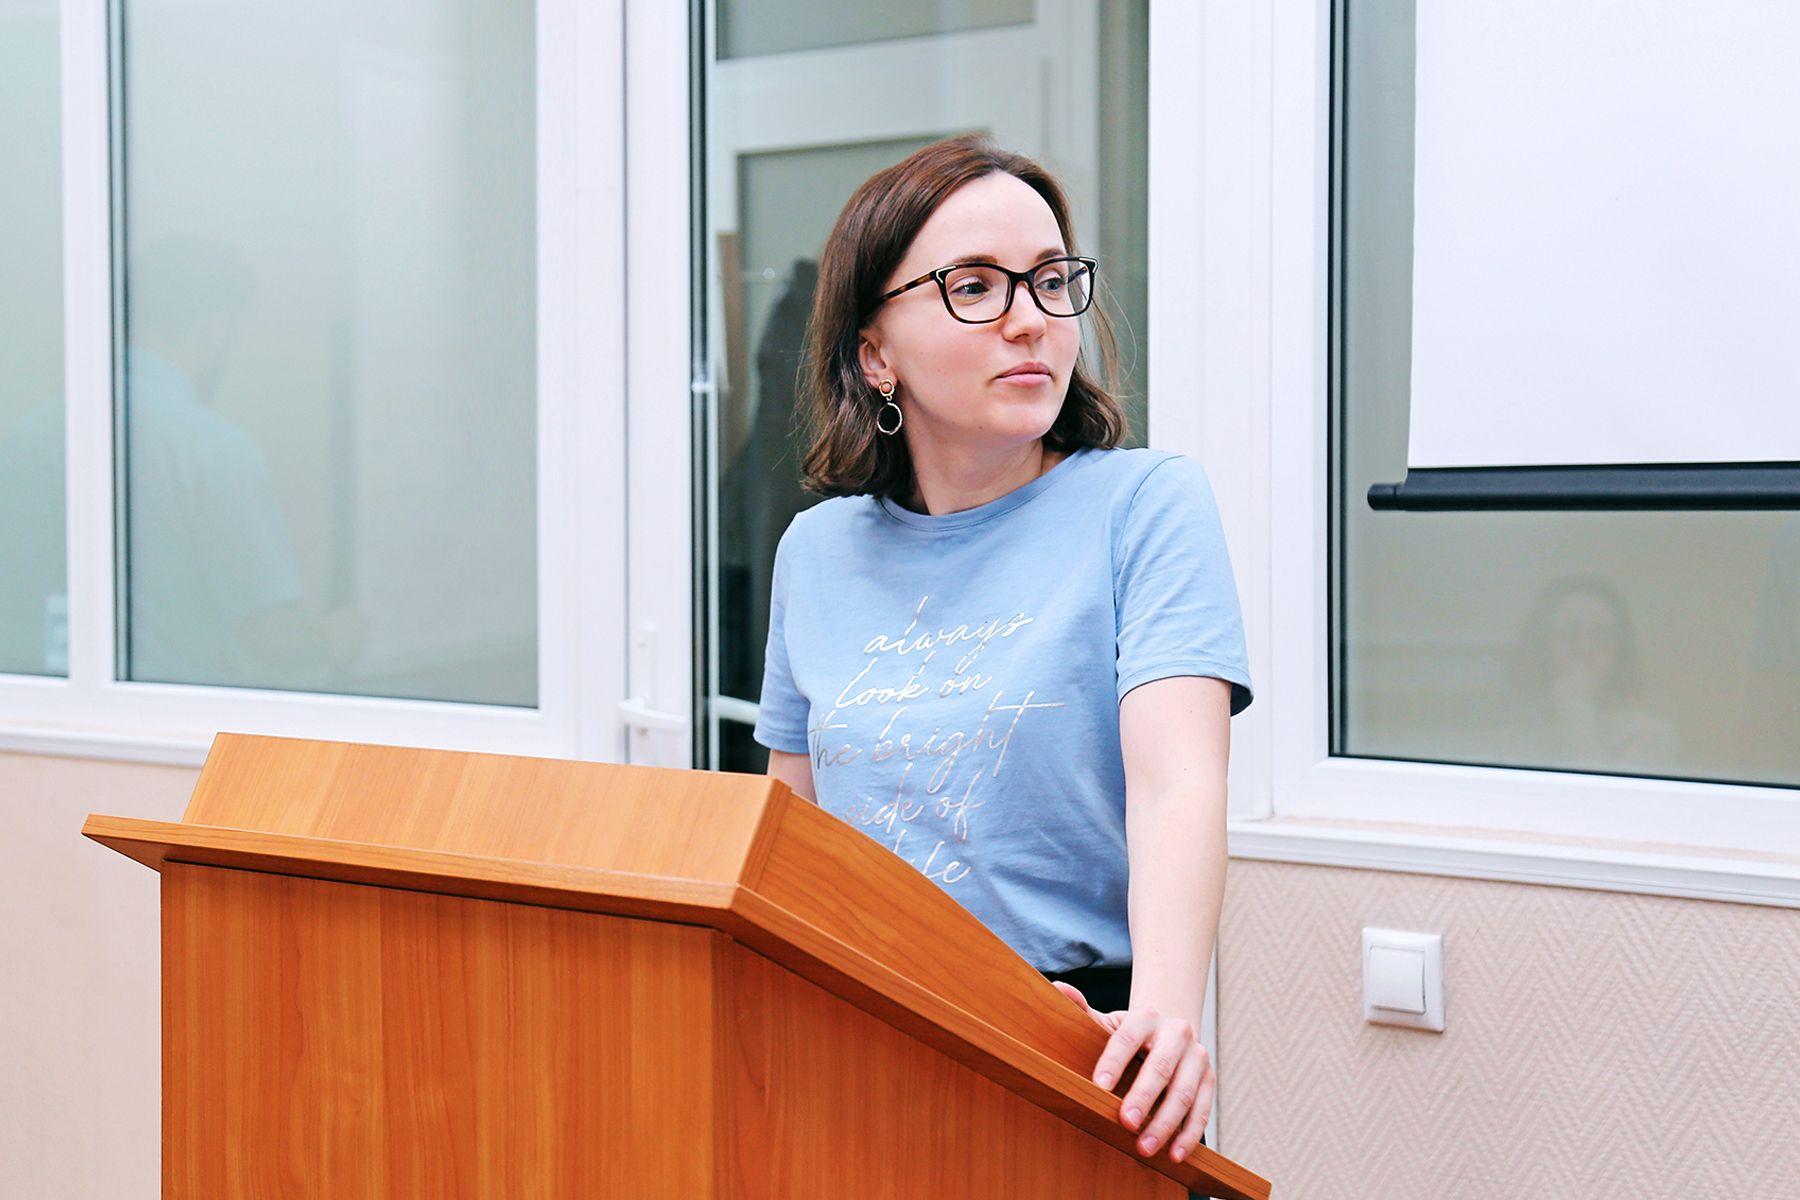 Директор по маркетингу Slavda Group Екатерина Котляр обсудила со студентами ВГУЭС проблему раздельной сортировки отходов в Приморском крае